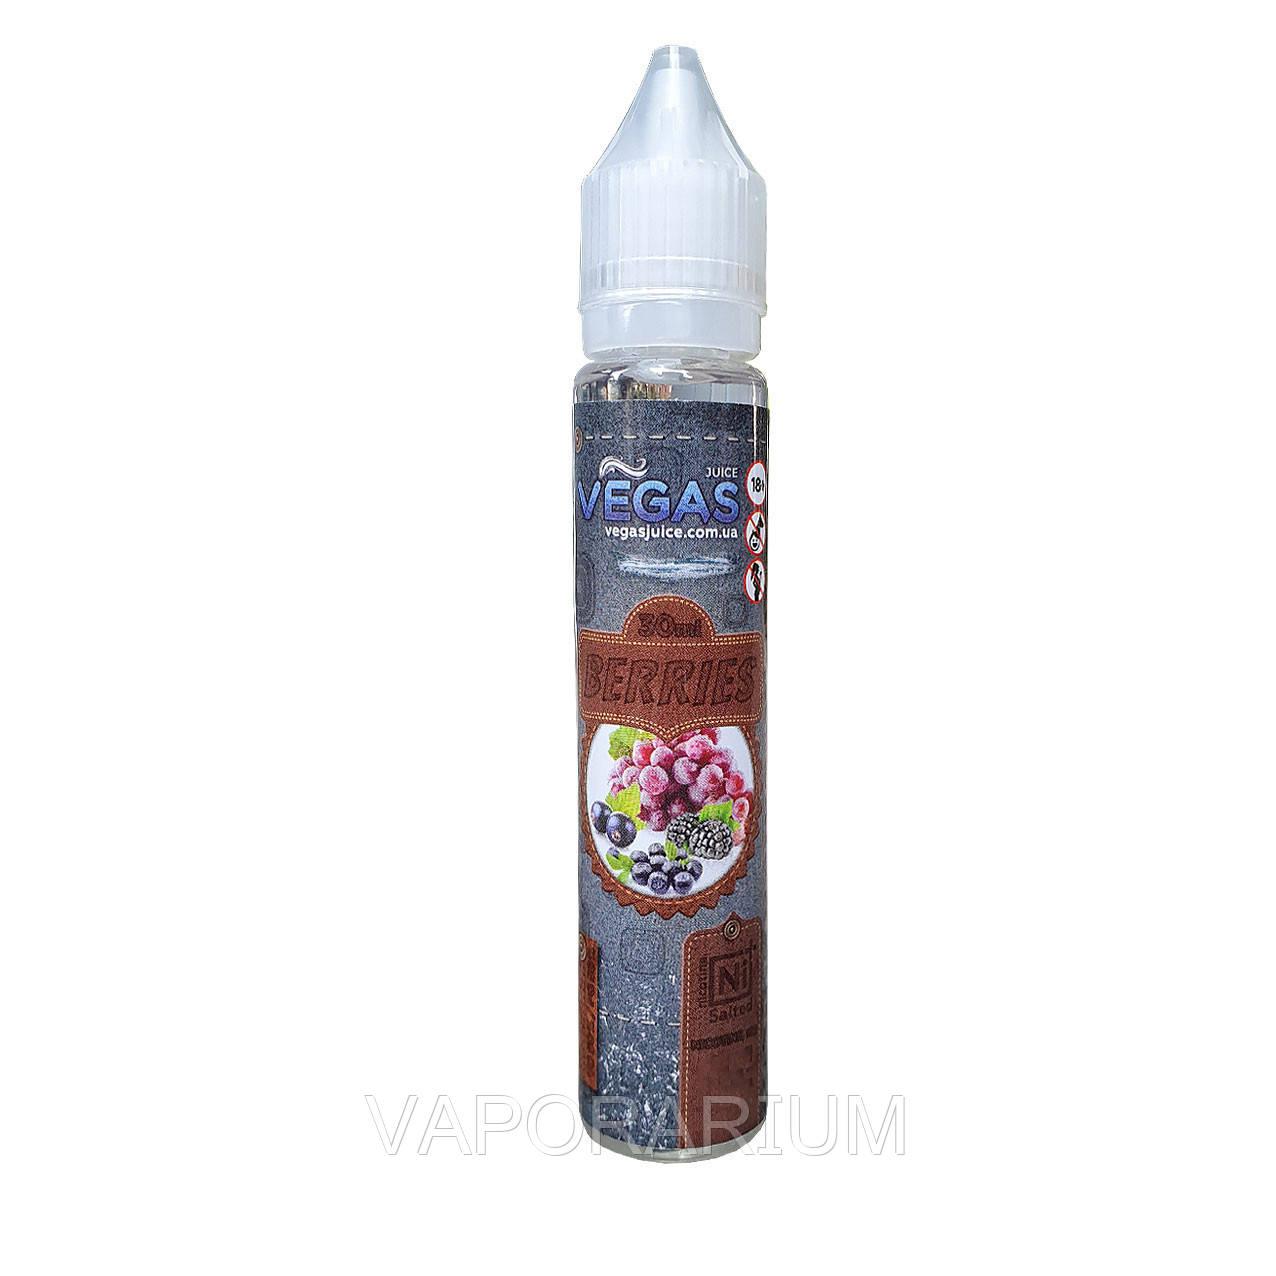 Жидкость для электронных сигарет Vegas Salt Berries 45 мг 30 мл